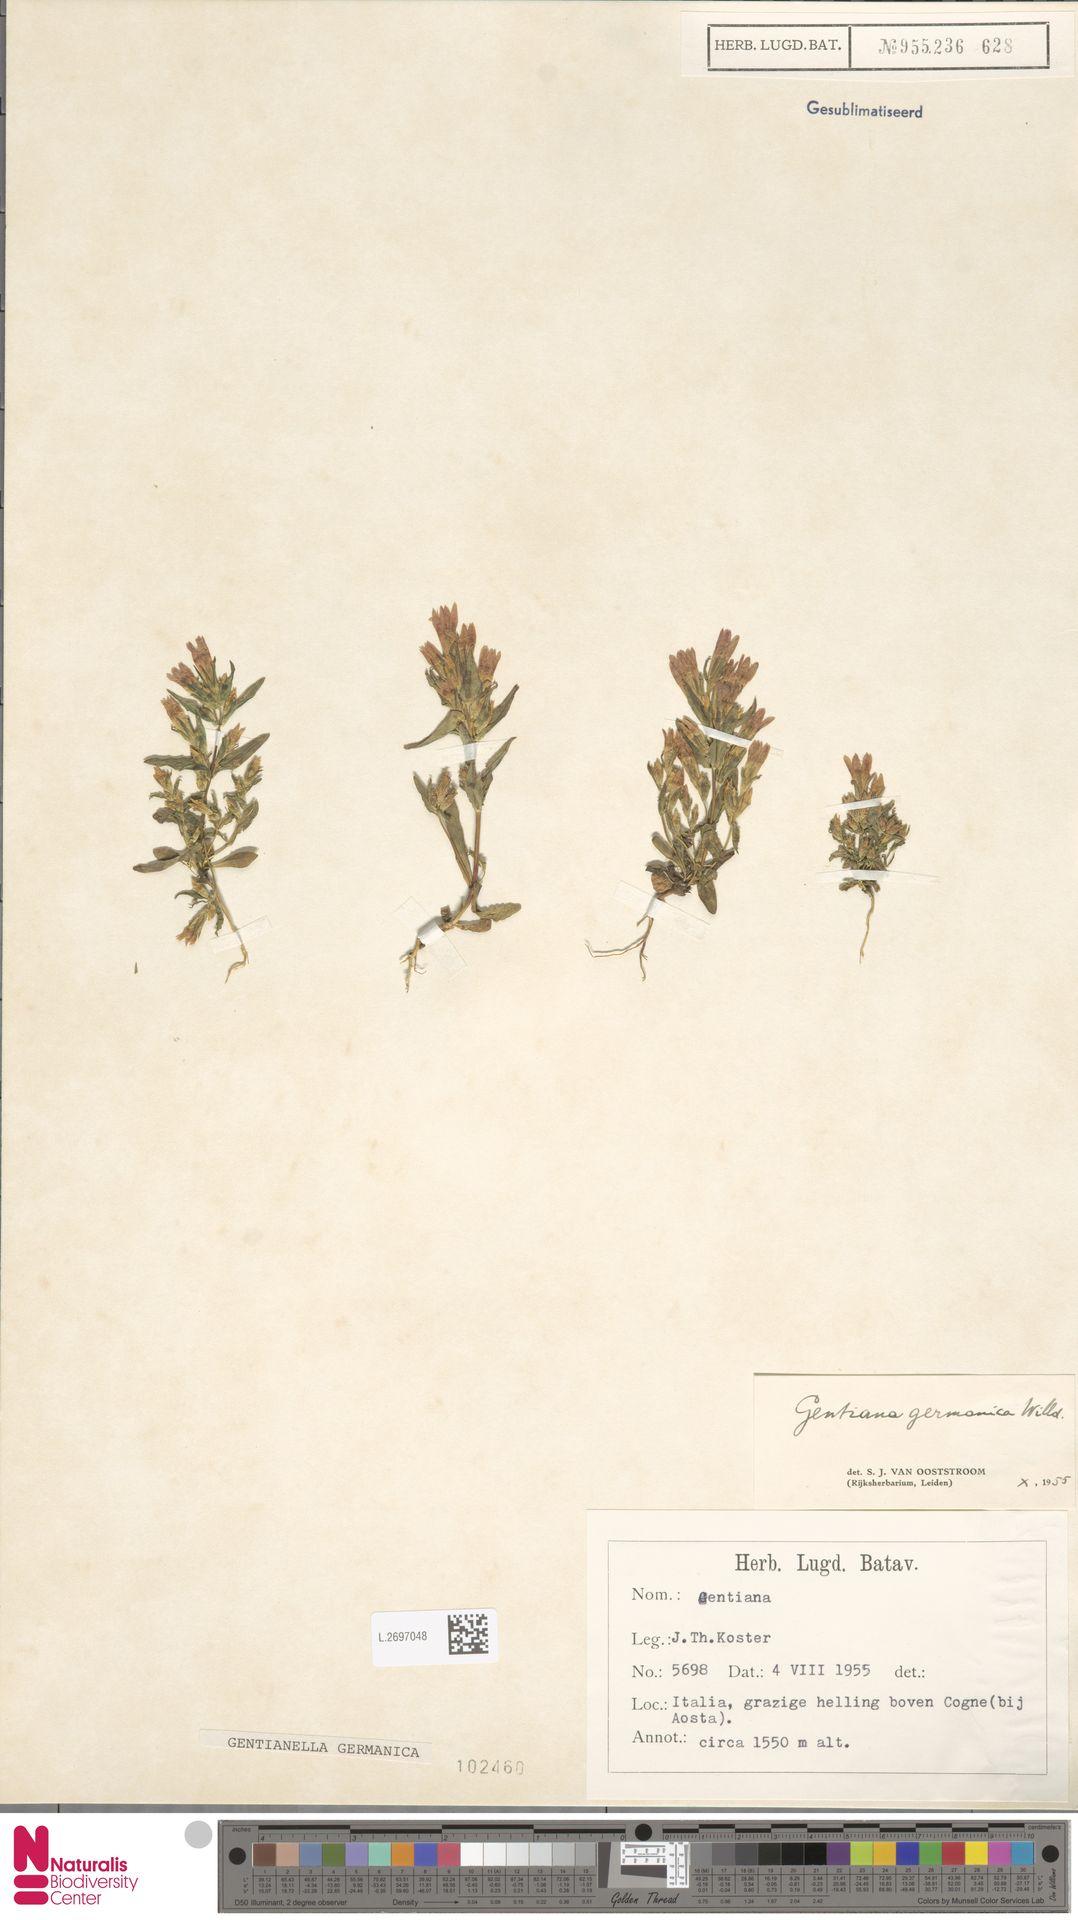 L.2697048 | Gentianella germanica (Willd.) E.F.Warb.